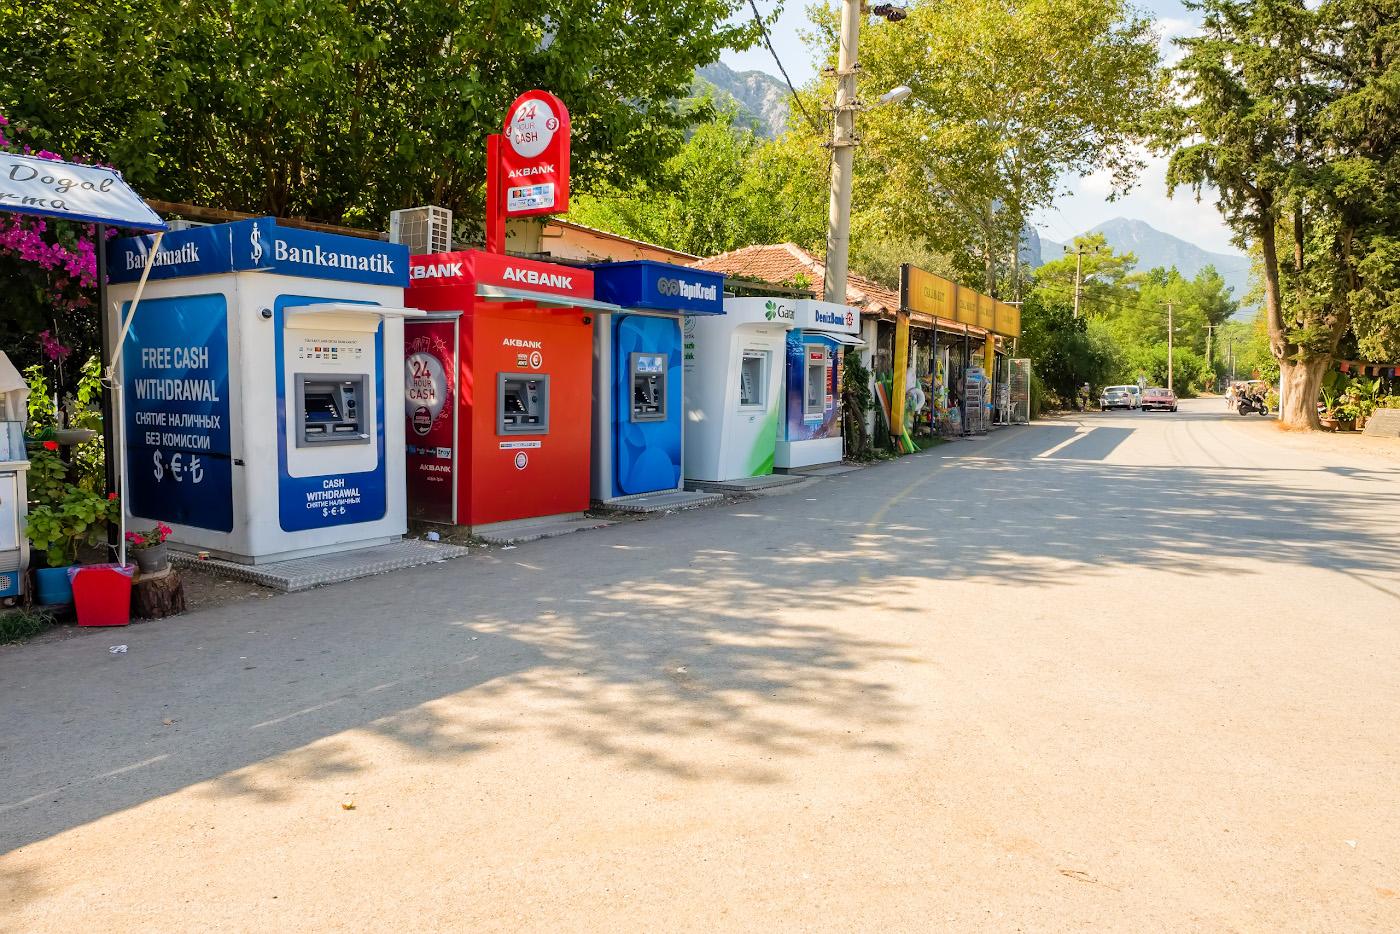 Фотография 41. Банкоматы в поселке Чиралы. Где снять турецкие лиры на отдыхе в Турции. 1/110, 9.0, 200, +0.33, 16.